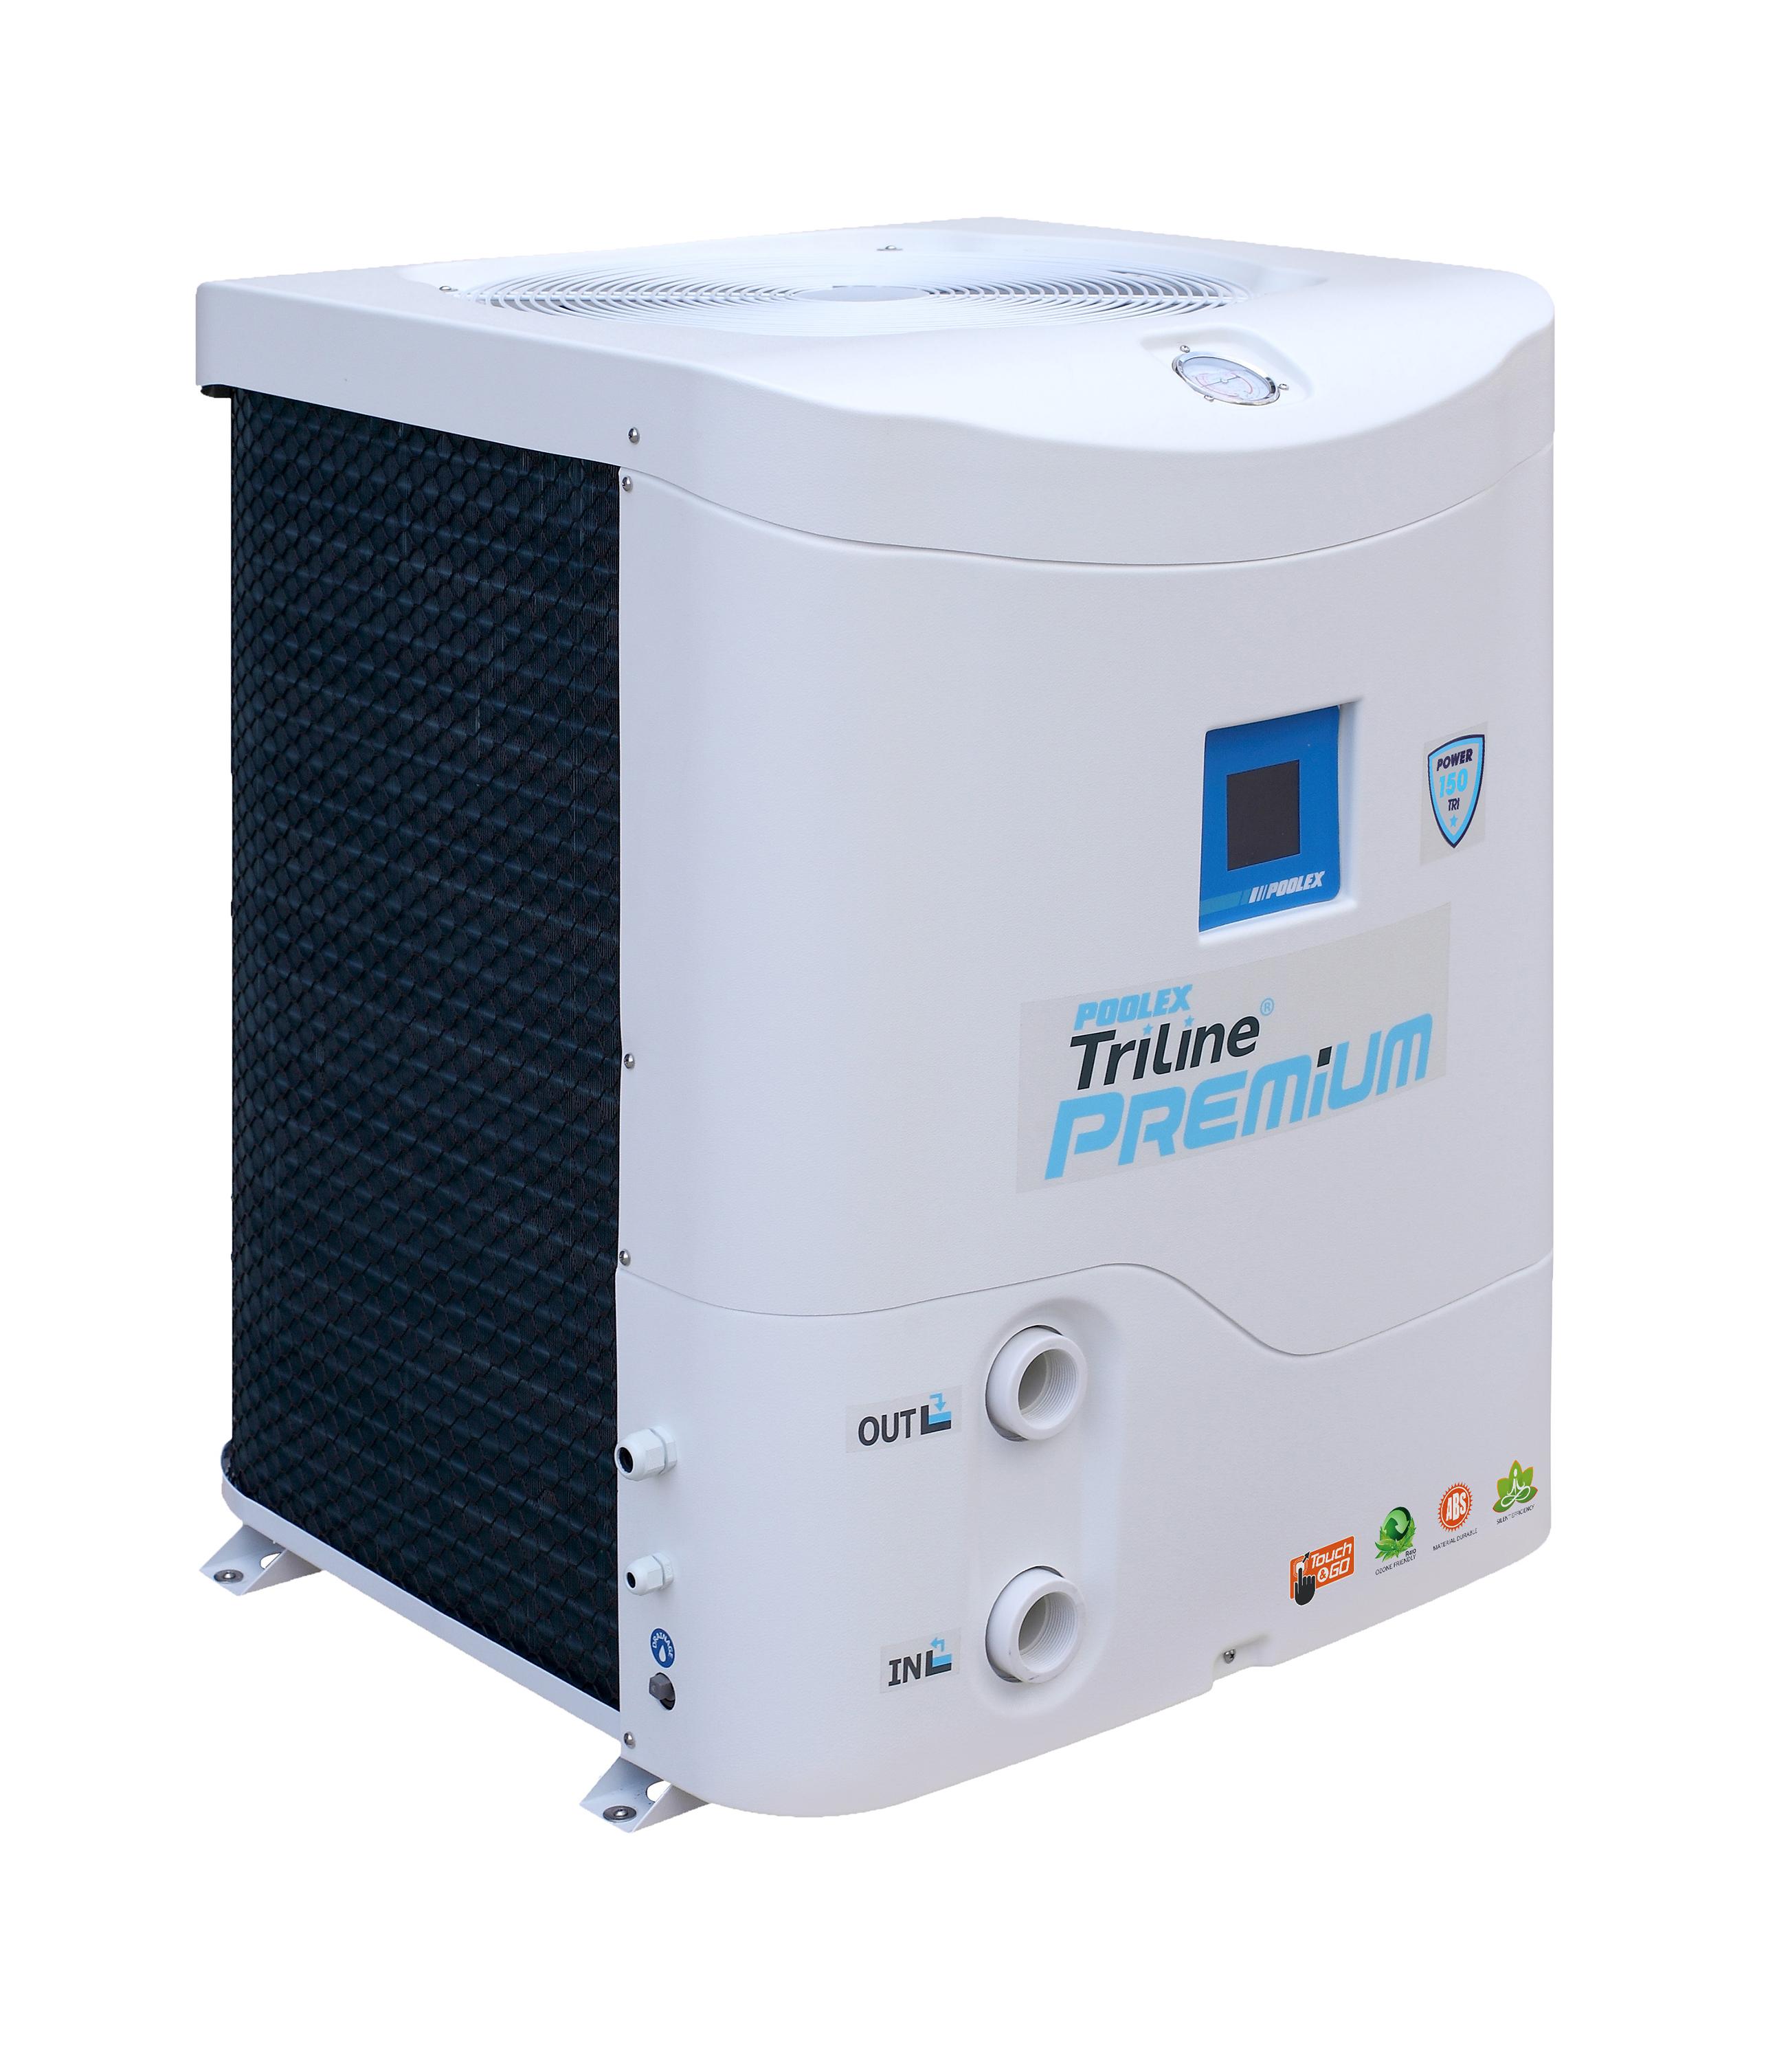 triline220 180m3max modele premium chauffage piscine par pompe a chaleur pisicne poolex. Black Bedroom Furniture Sets. Home Design Ideas